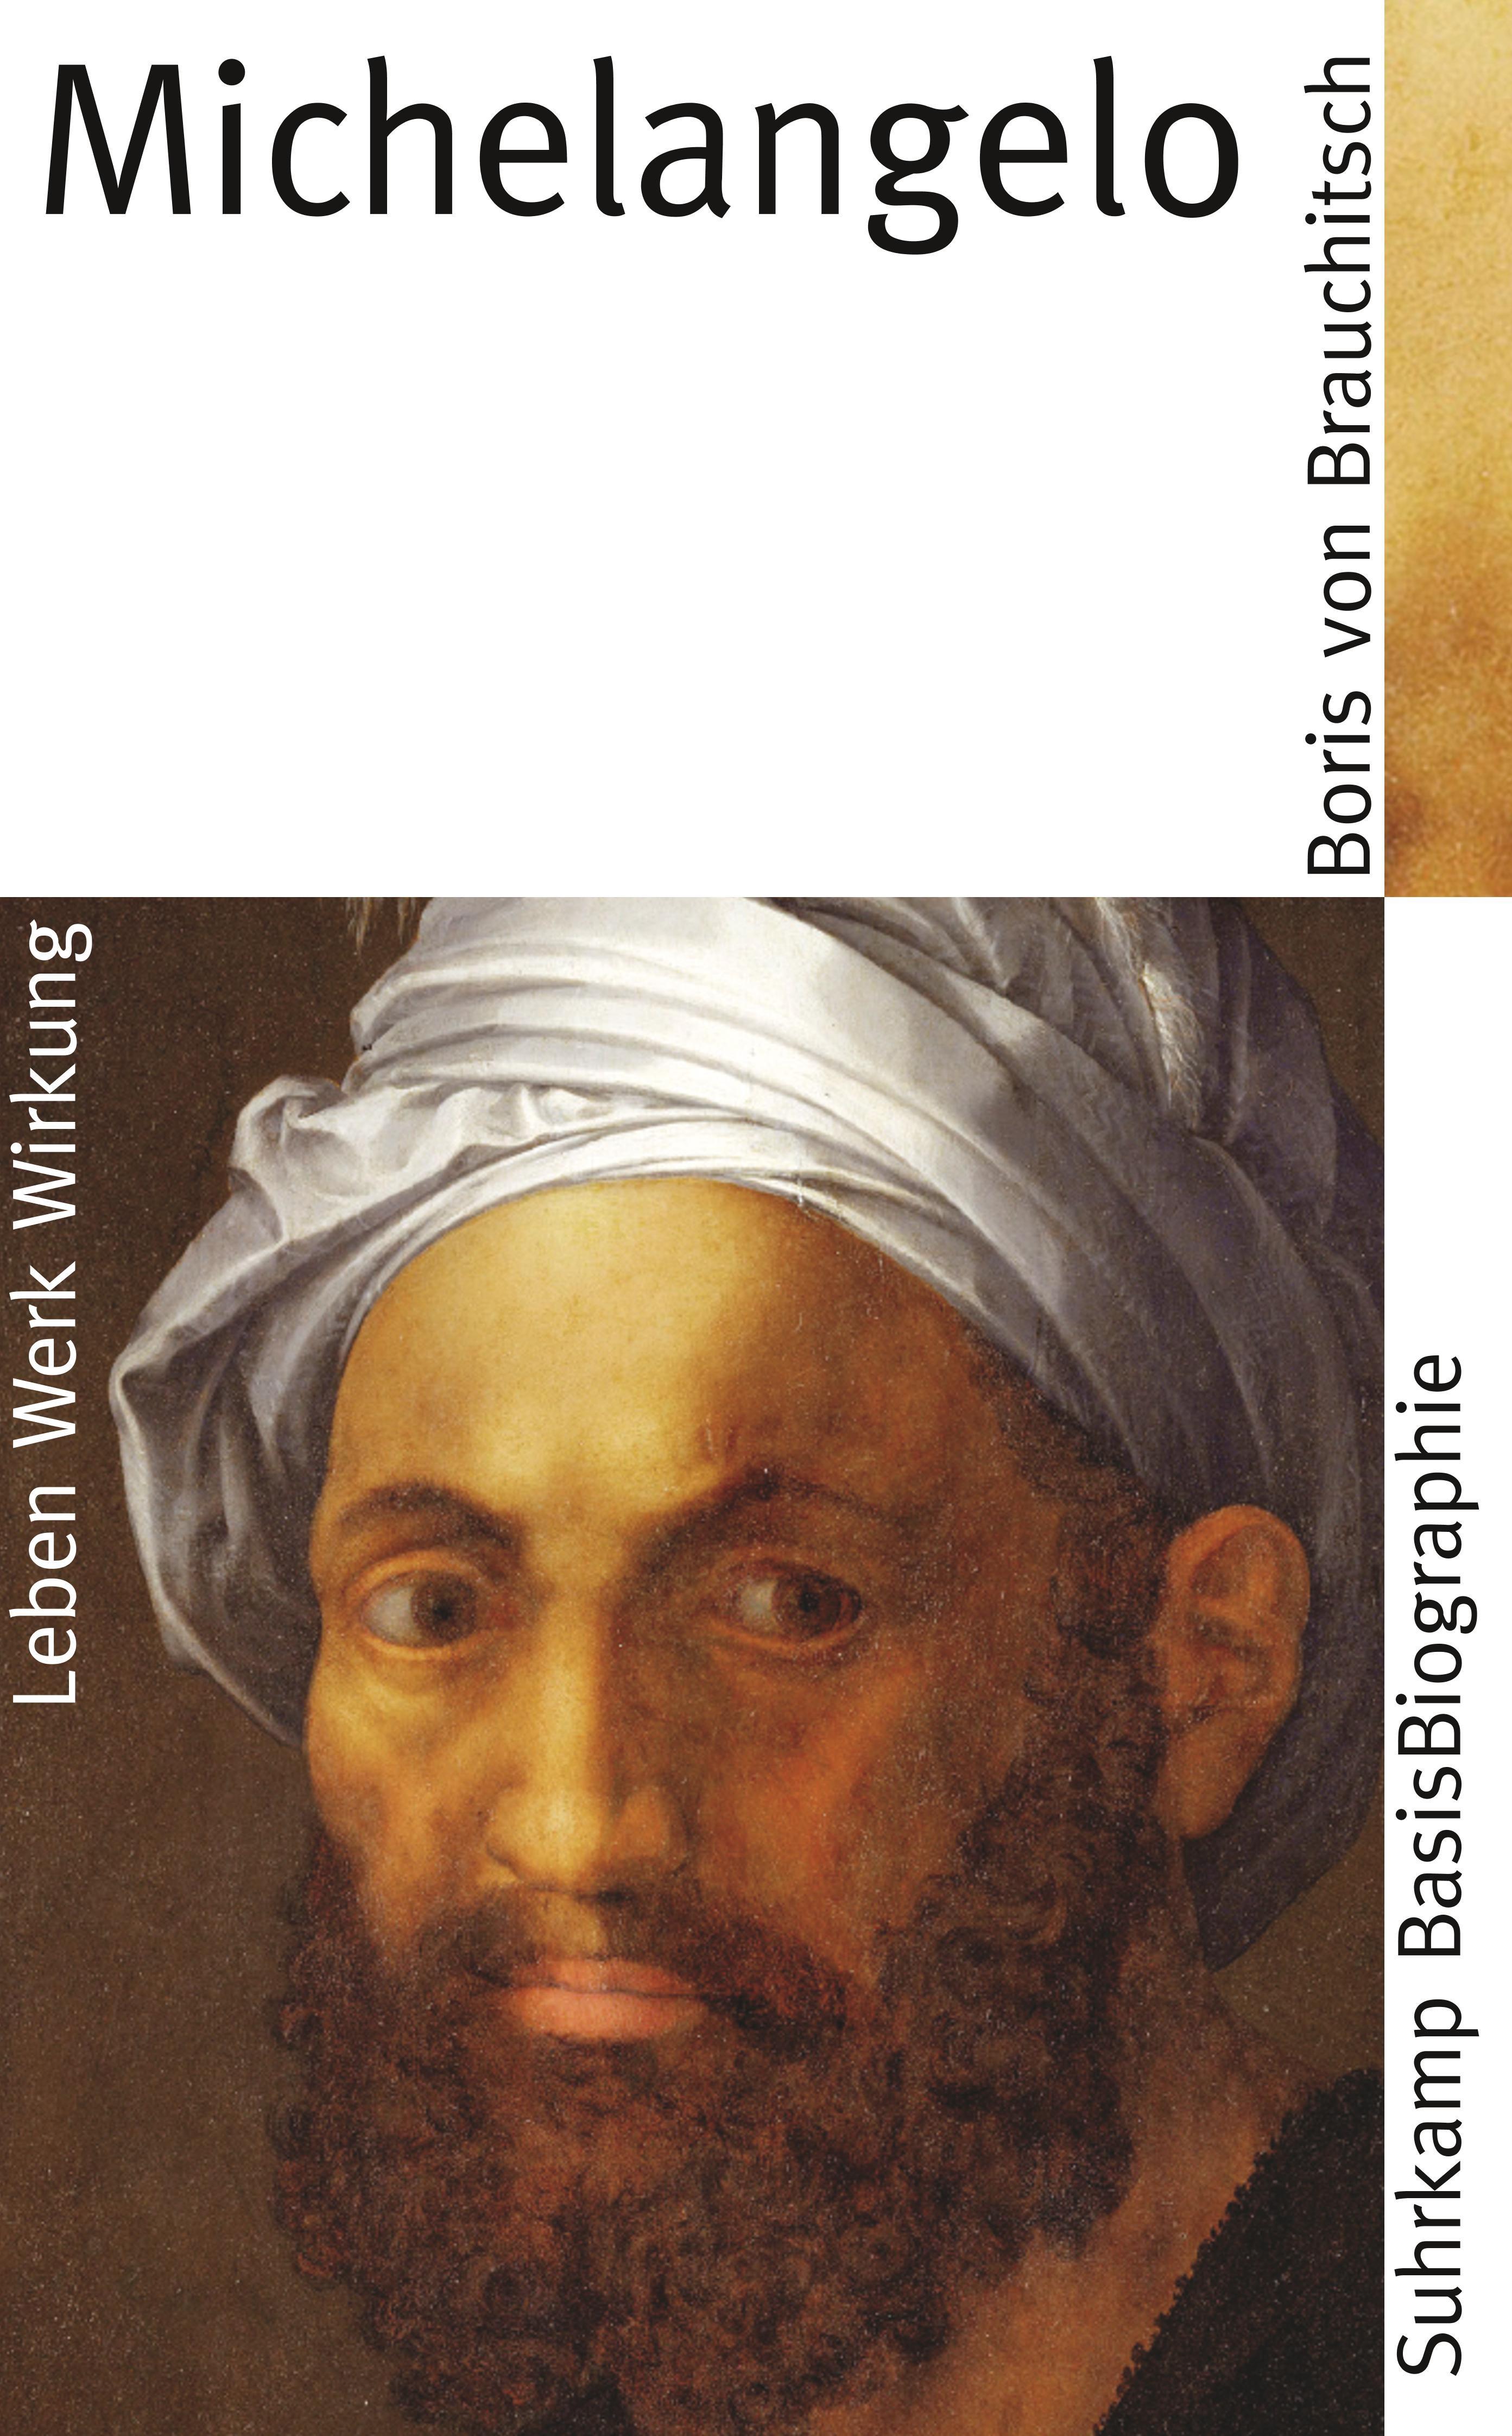 Michelangelo | Brauchitsch | Originalausgabe, 2009 | Buch (Cover)